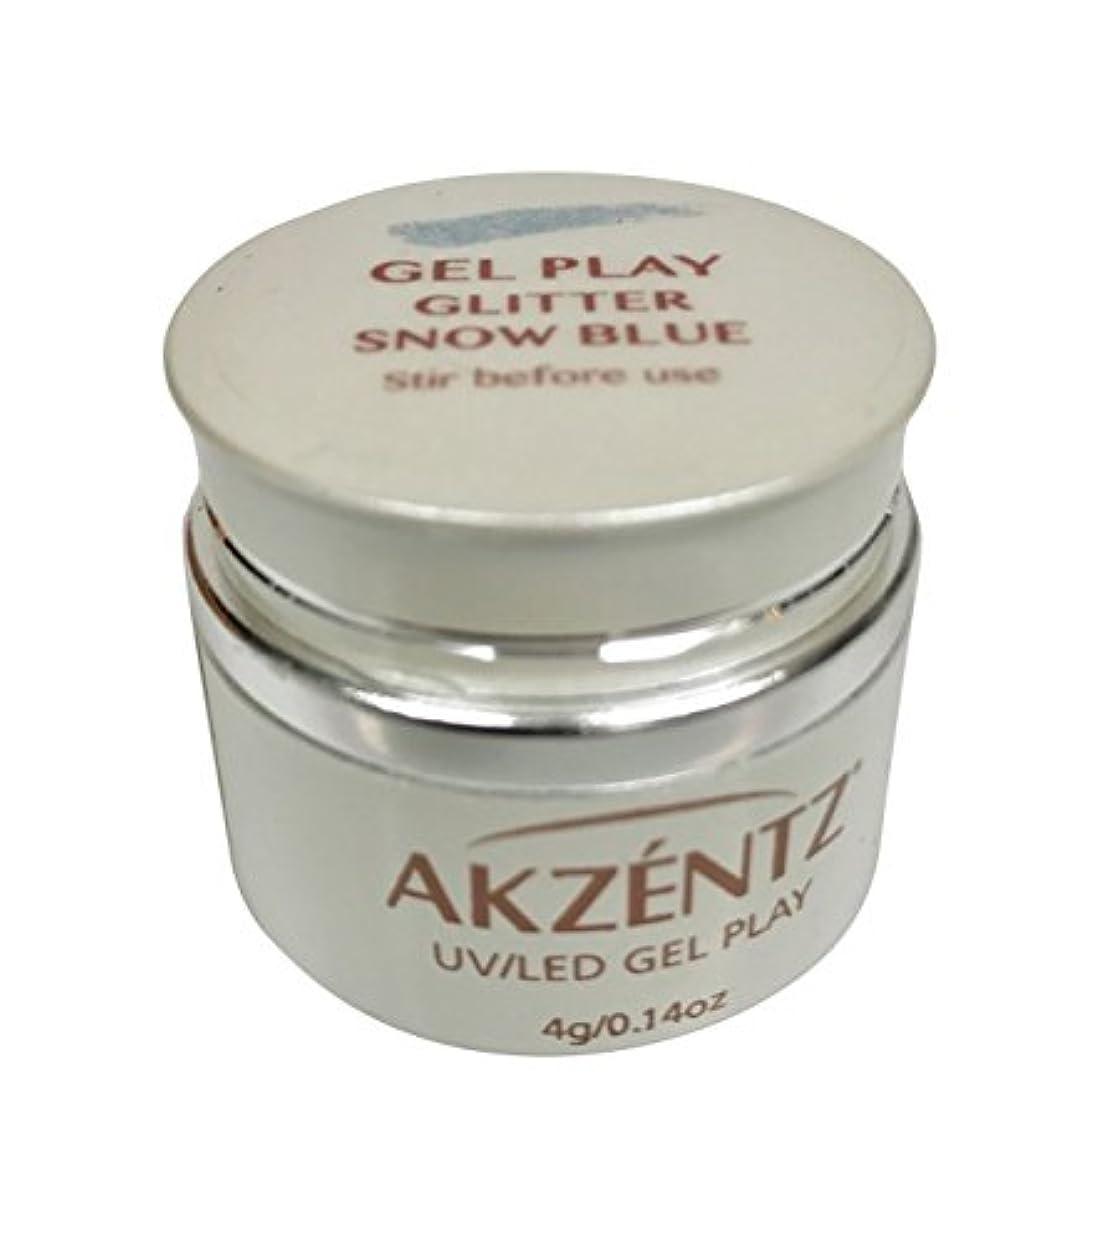 ホールドオール乳剤軽食AKZENTZ(アクセンツ) UV/LED ジェルプレイ グリッター スノーブルー 4g